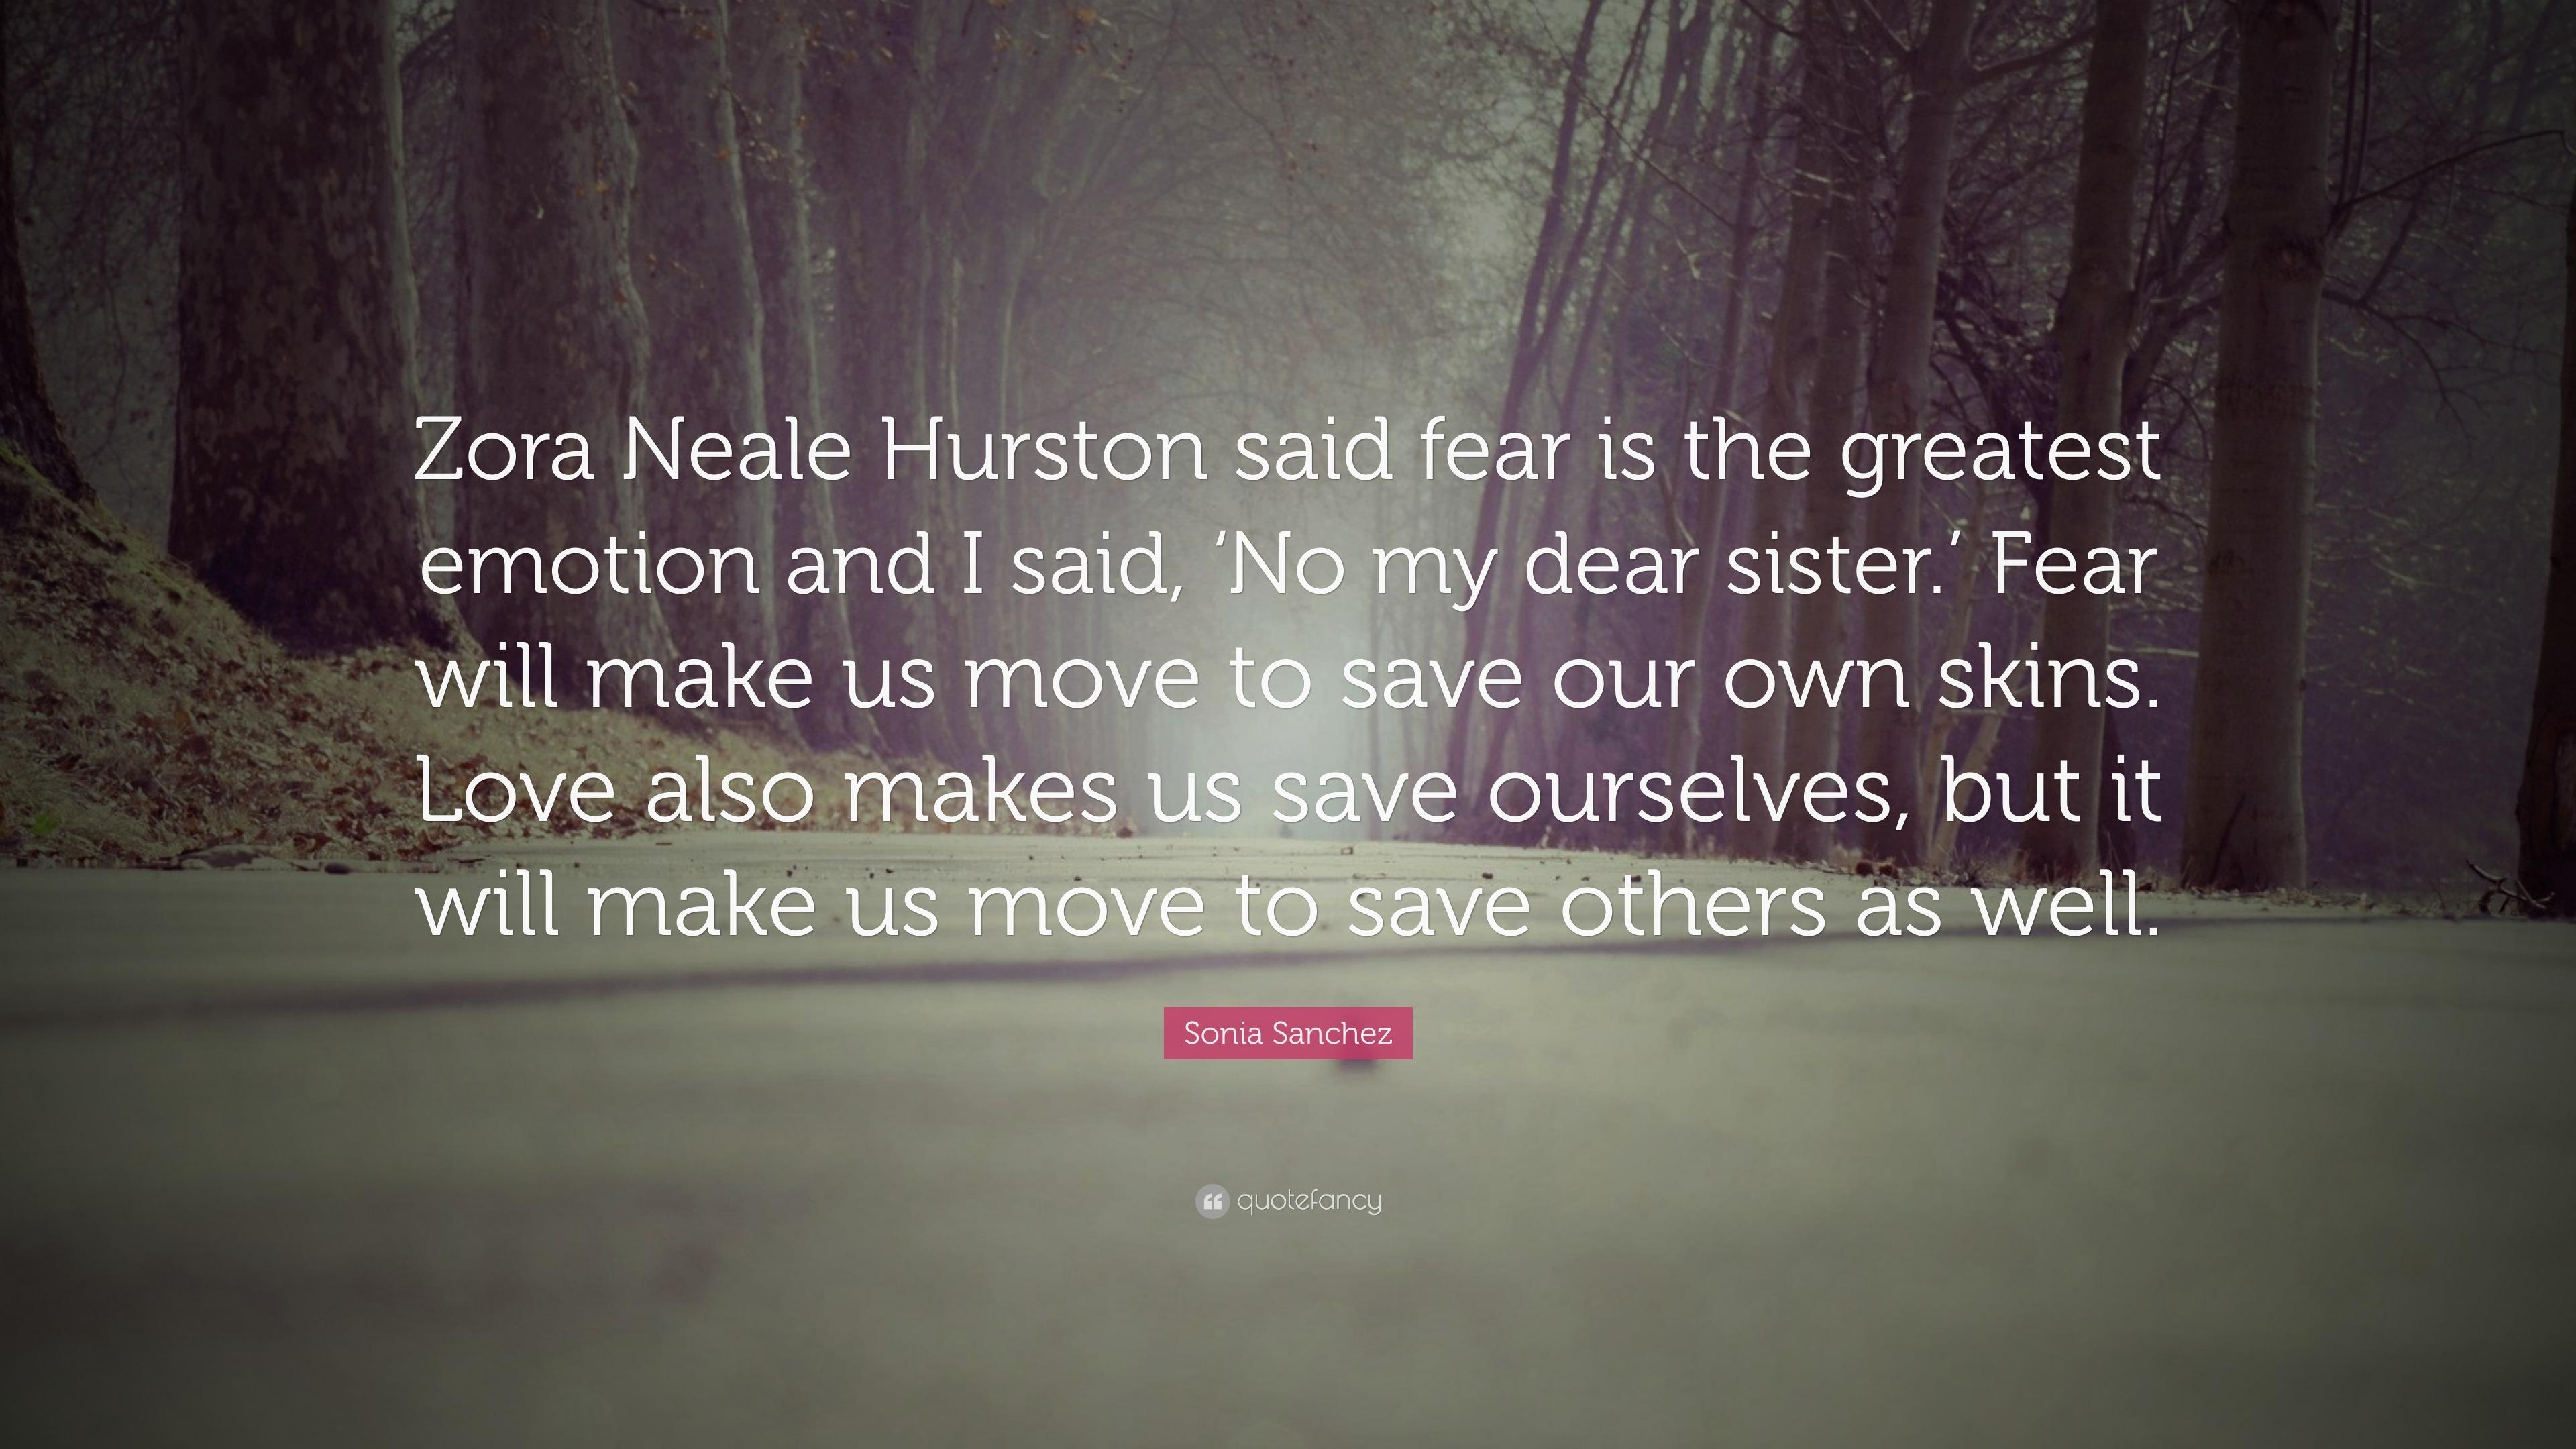 sonia sanchez quote zora neale hurston said fear is the